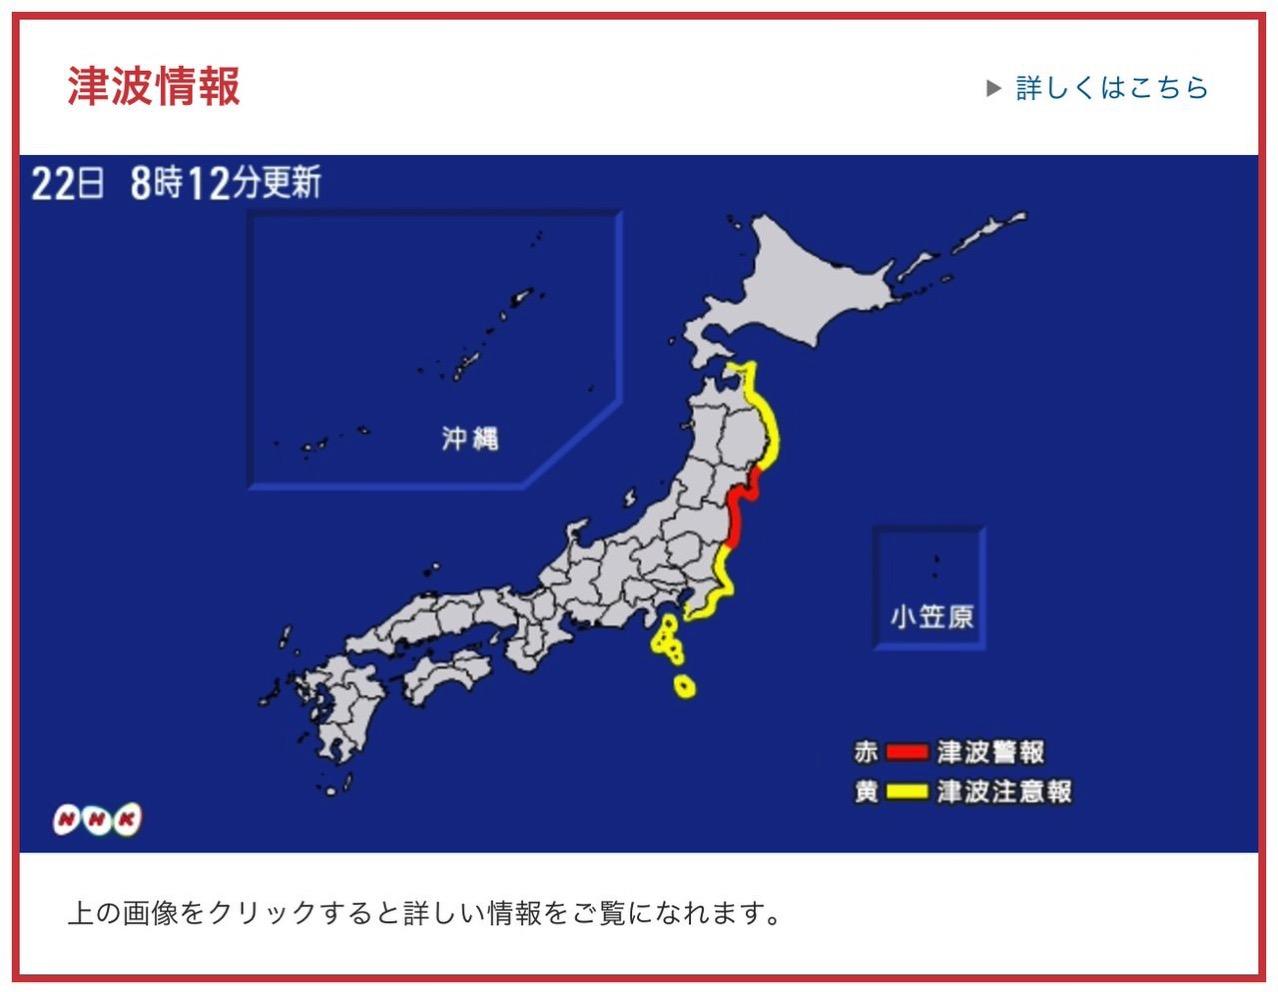 福島県などで震度5弱の地震 → 東北地方沿岸などで津波警報が発令中